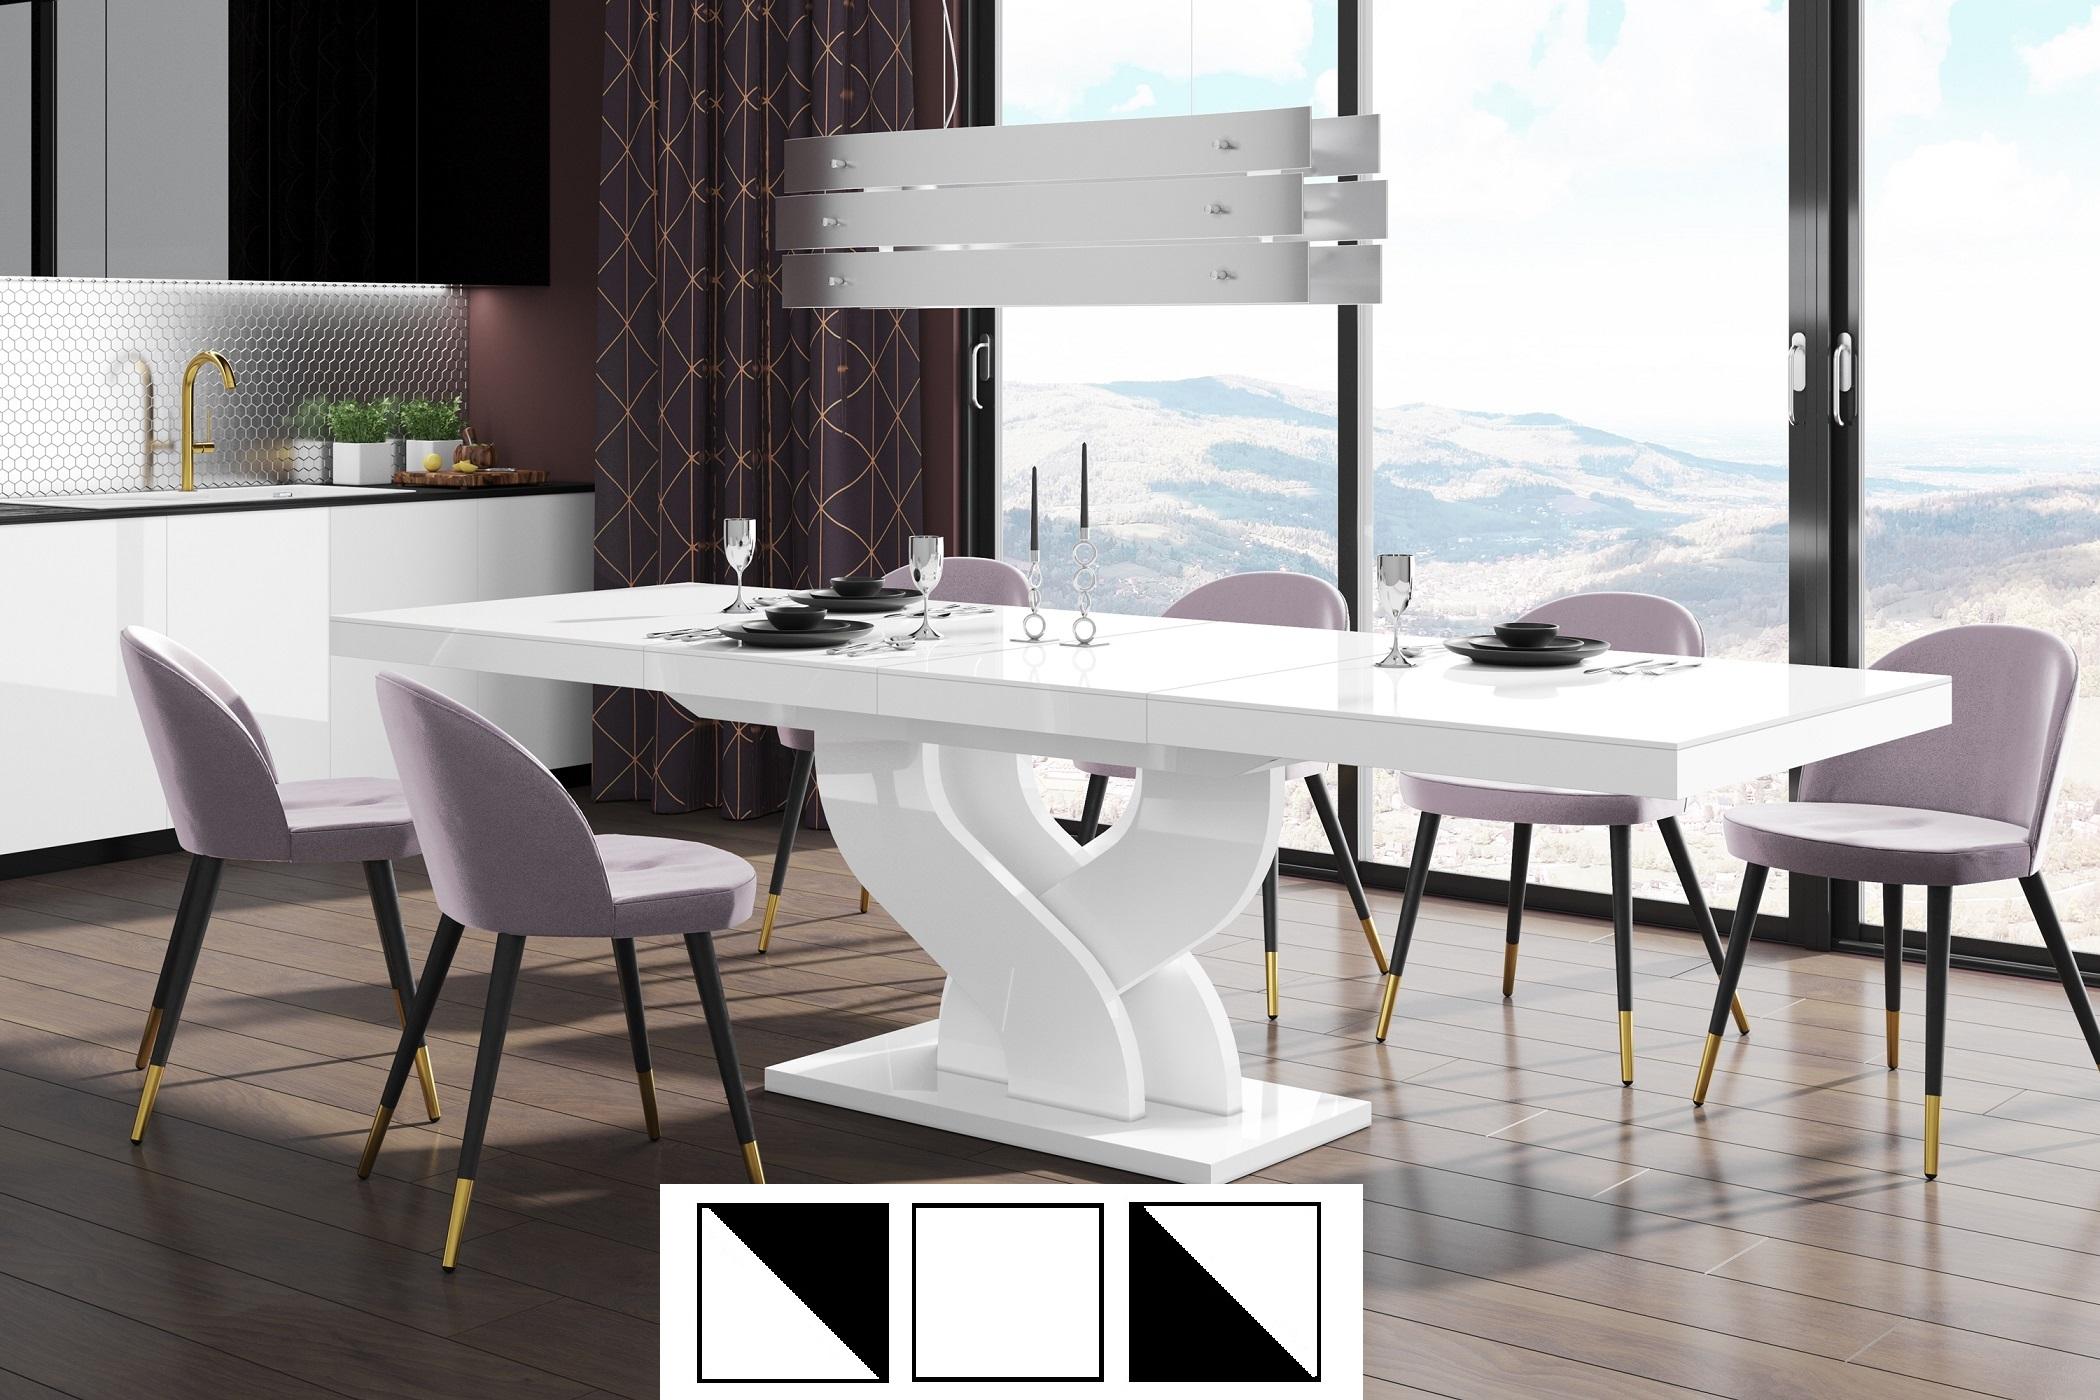 Full Size of Esstische Design Esstisch Tisch Heb 111 Wei Hochglanz Ausziehbar 160 Bis Massiv Moderne Kleine Holz Designer Runde Rund Massivholz Esstische Esstische